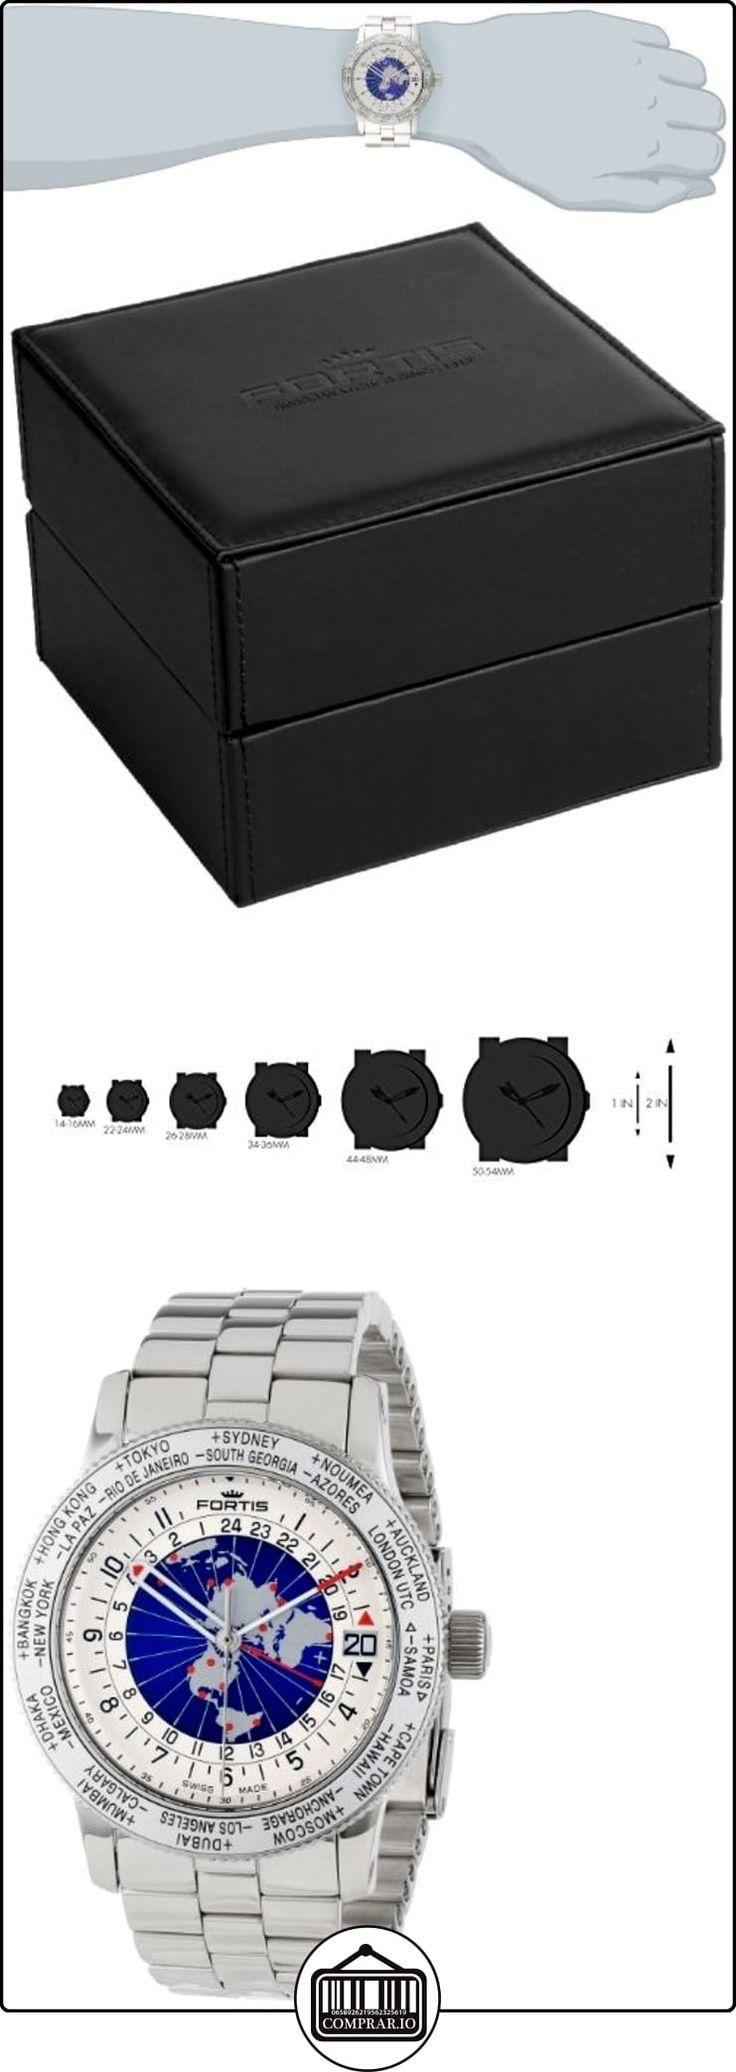 Fortis Reloj de hombre 674.20.15M B de 47World Timer GMT Limited Edition  ✿ Relojes para hombre - (Lujo) ✿